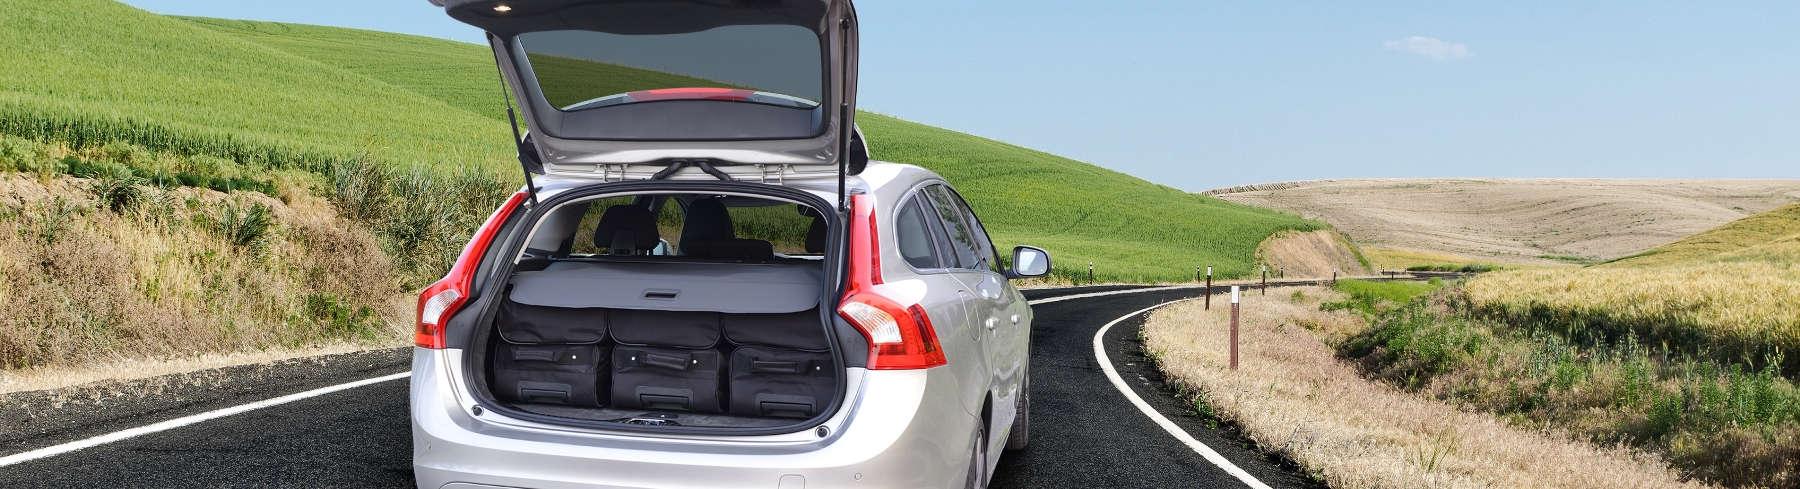 car-bags-concept-3zomer